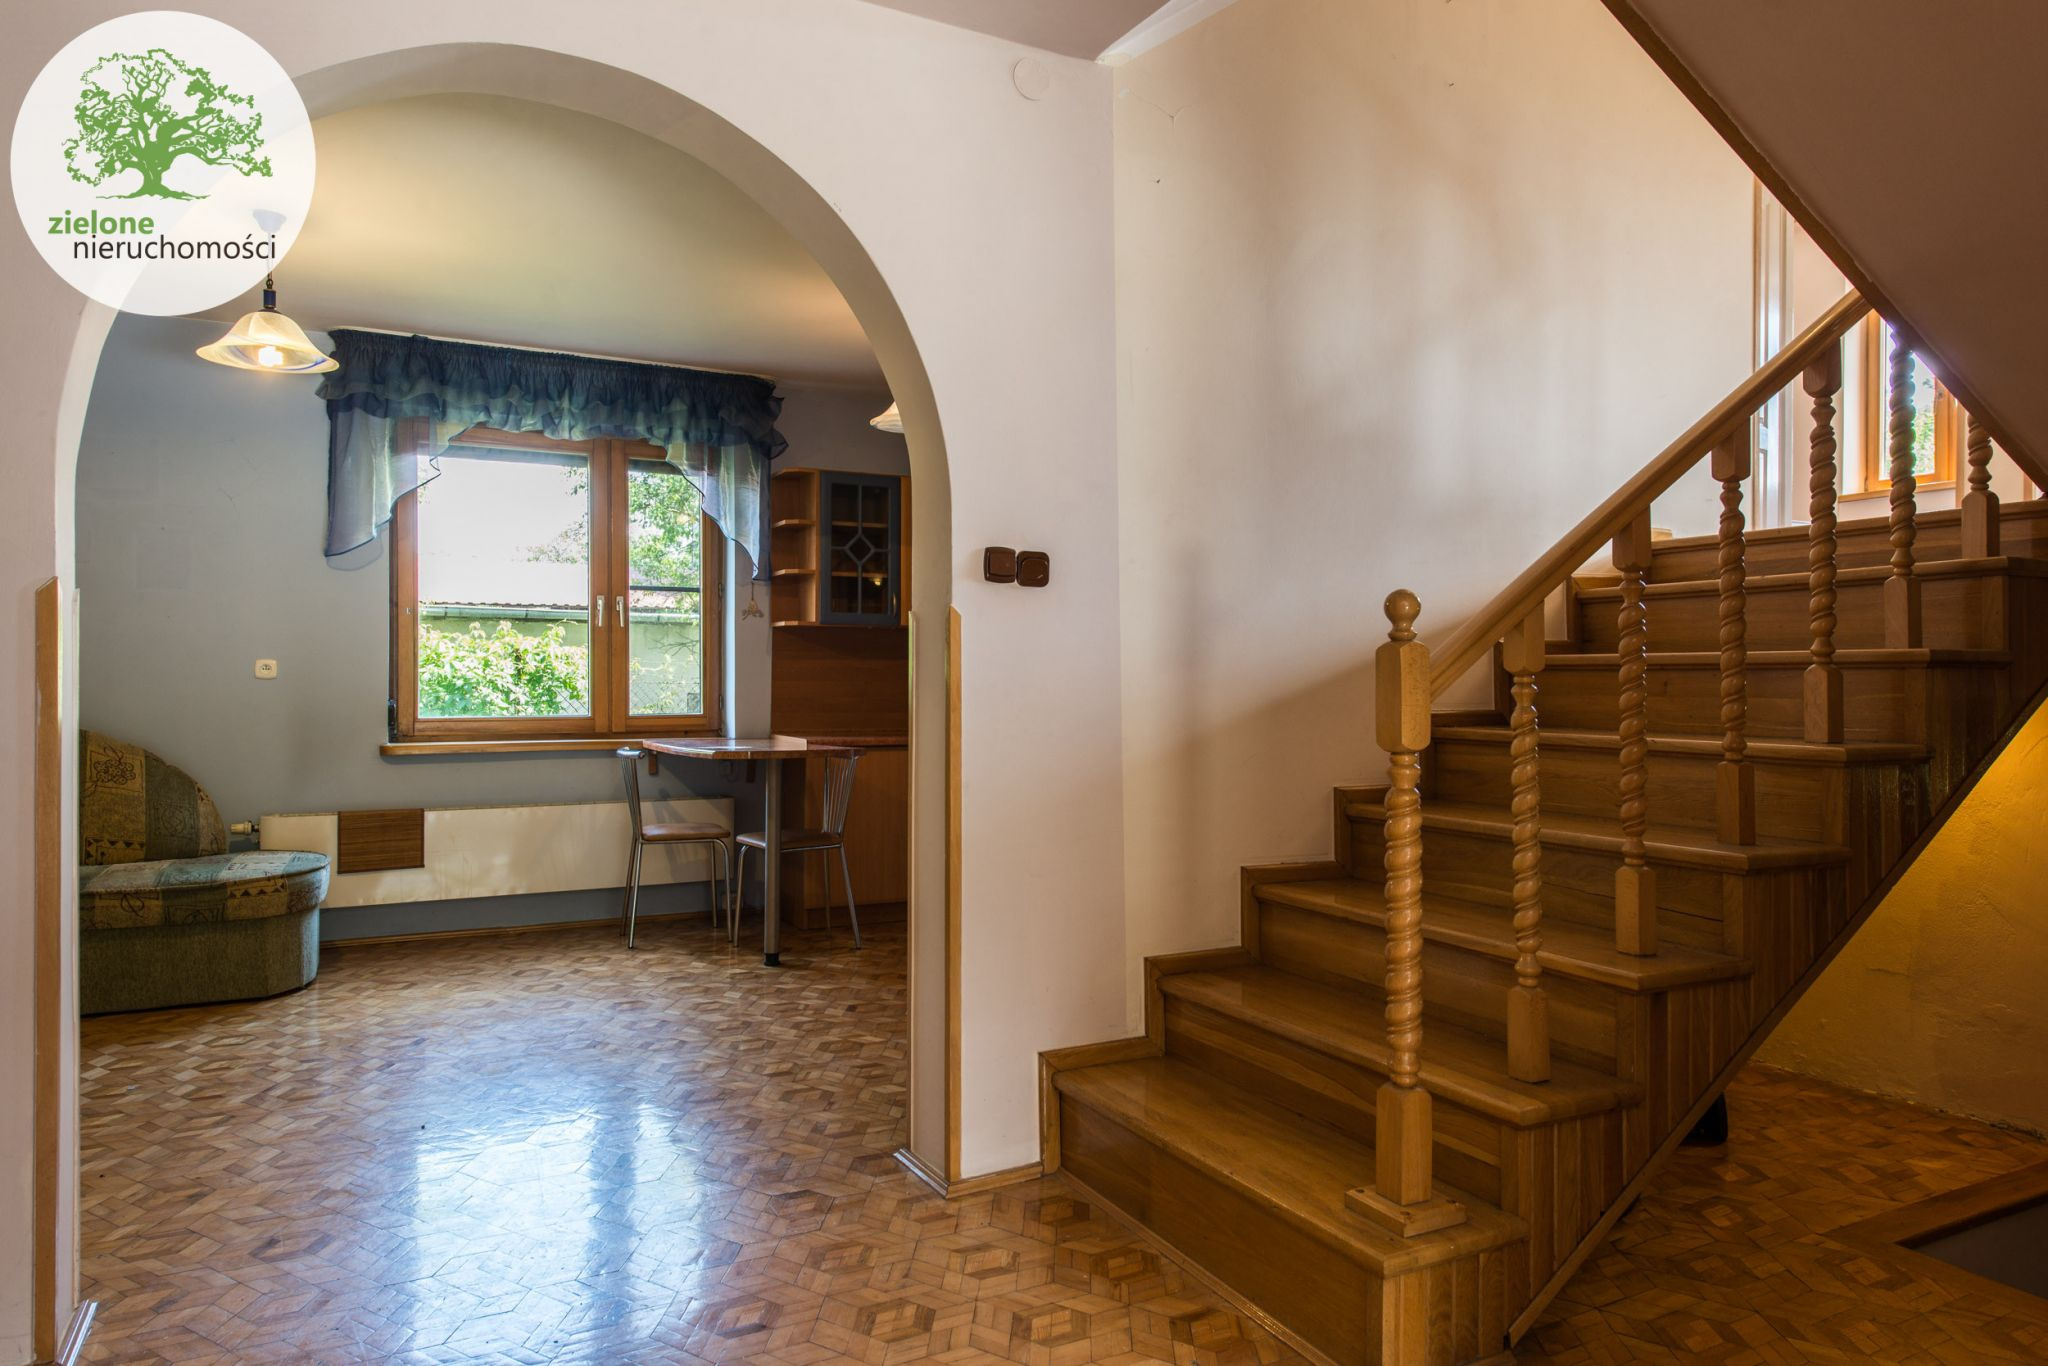 Zdjęcie 212 pokoi, dom dla dużej rodziny lub na firmę